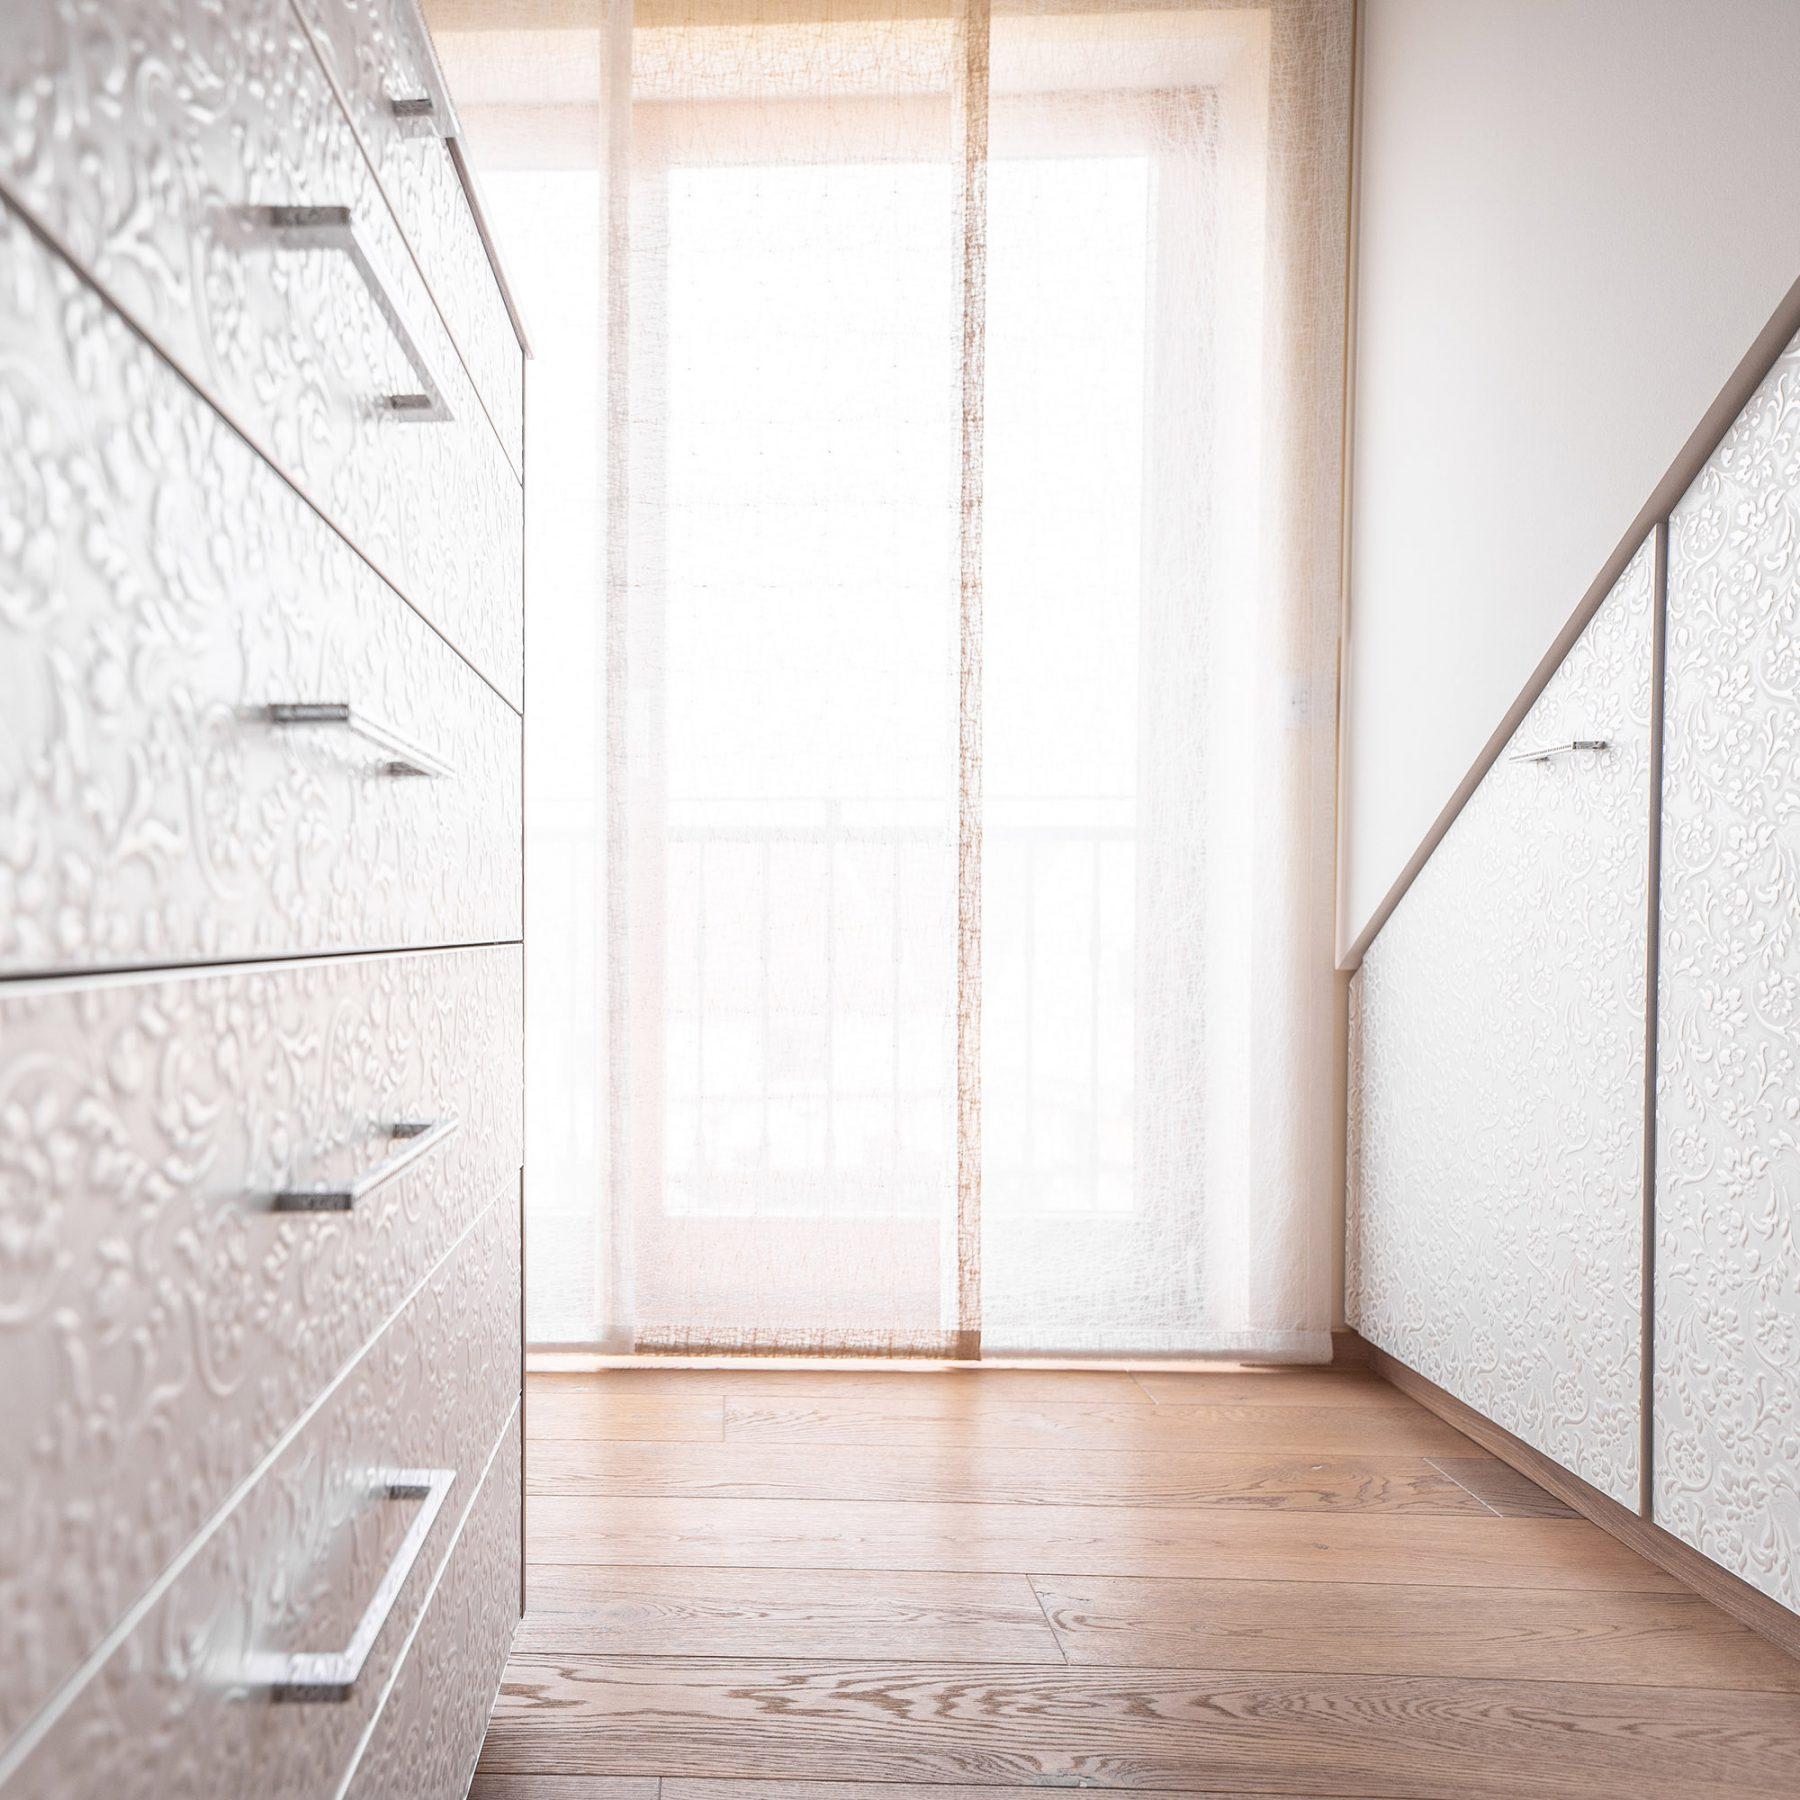 Ankleidezimmer Möbel im Dachschrägenbereich mit 3D Dekor